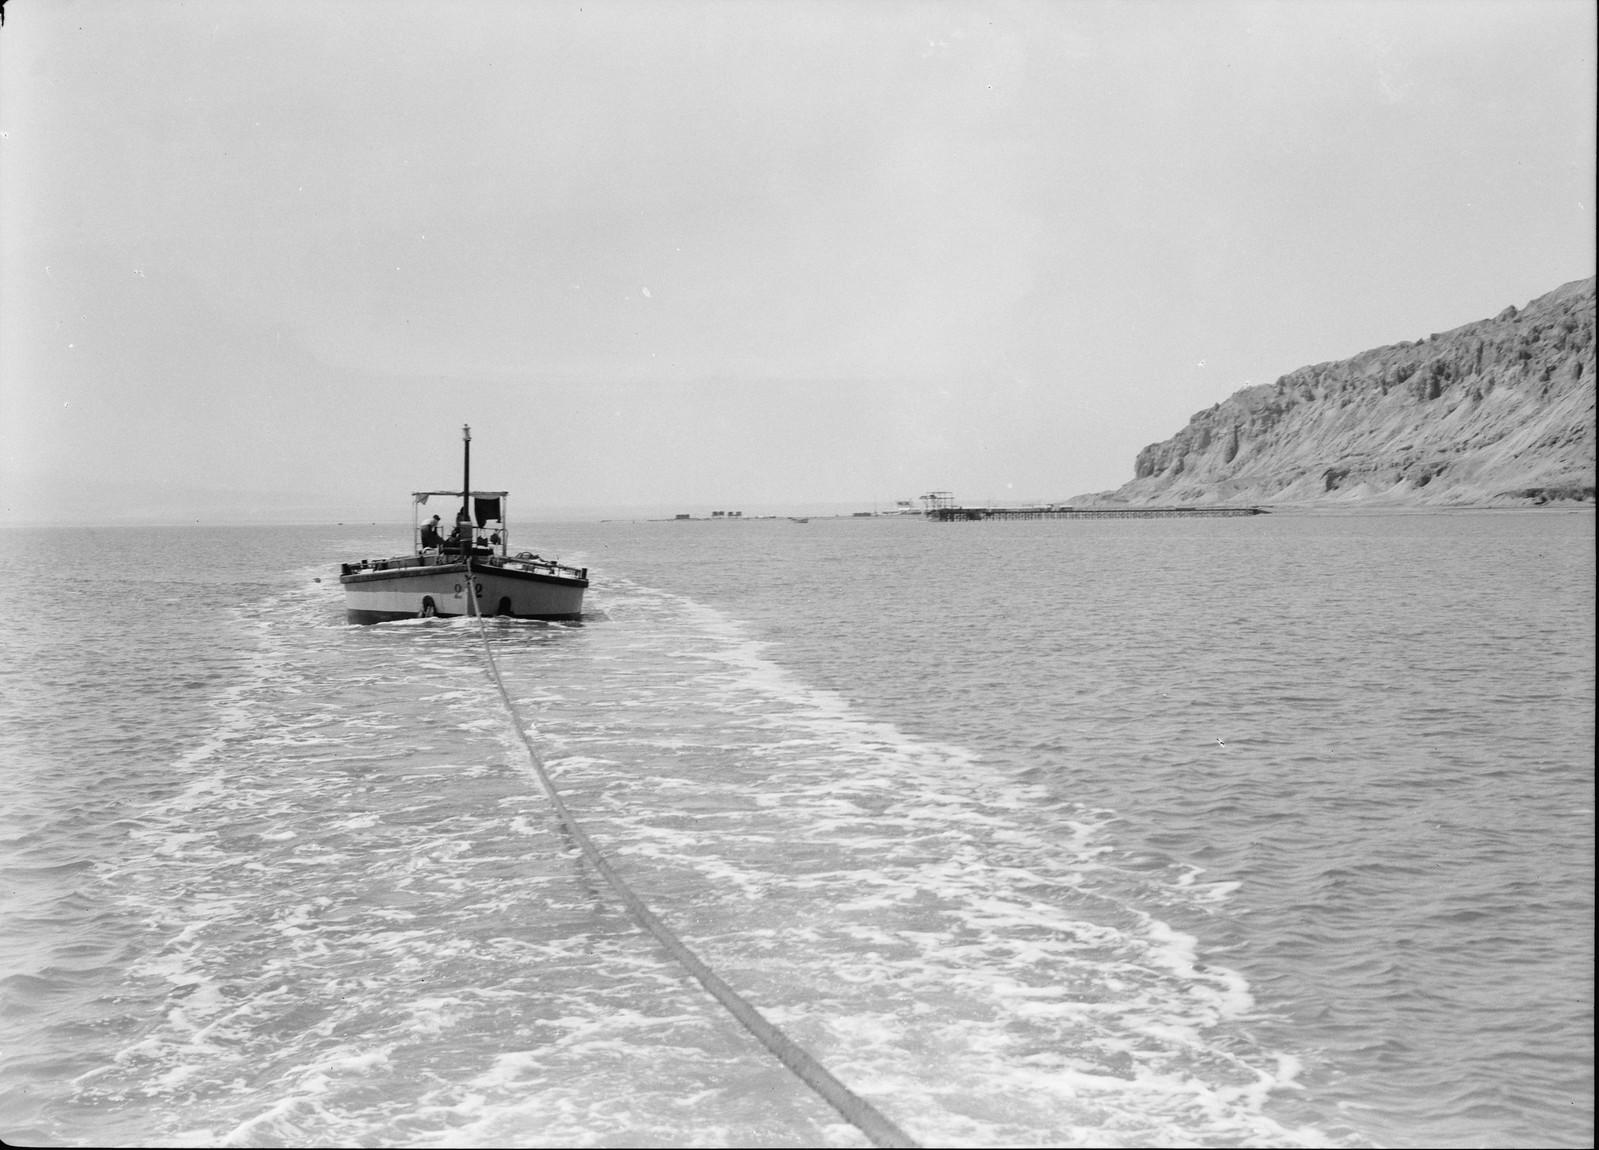 17. Отправление судна из Джебель-Усдума с полной загрузкой калийных удобрений в северную часть моря